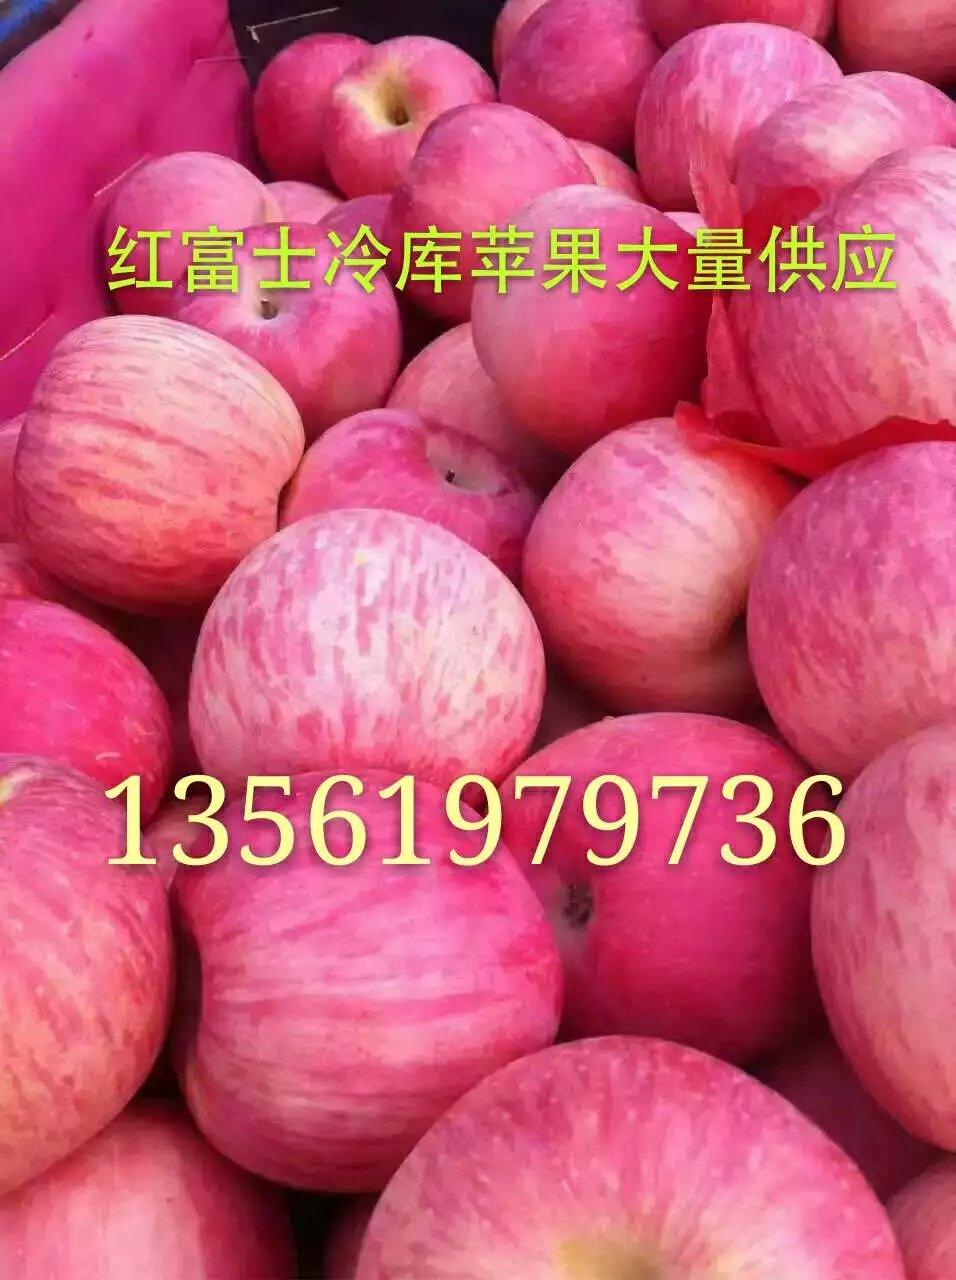 红富士苹果产地直销批发